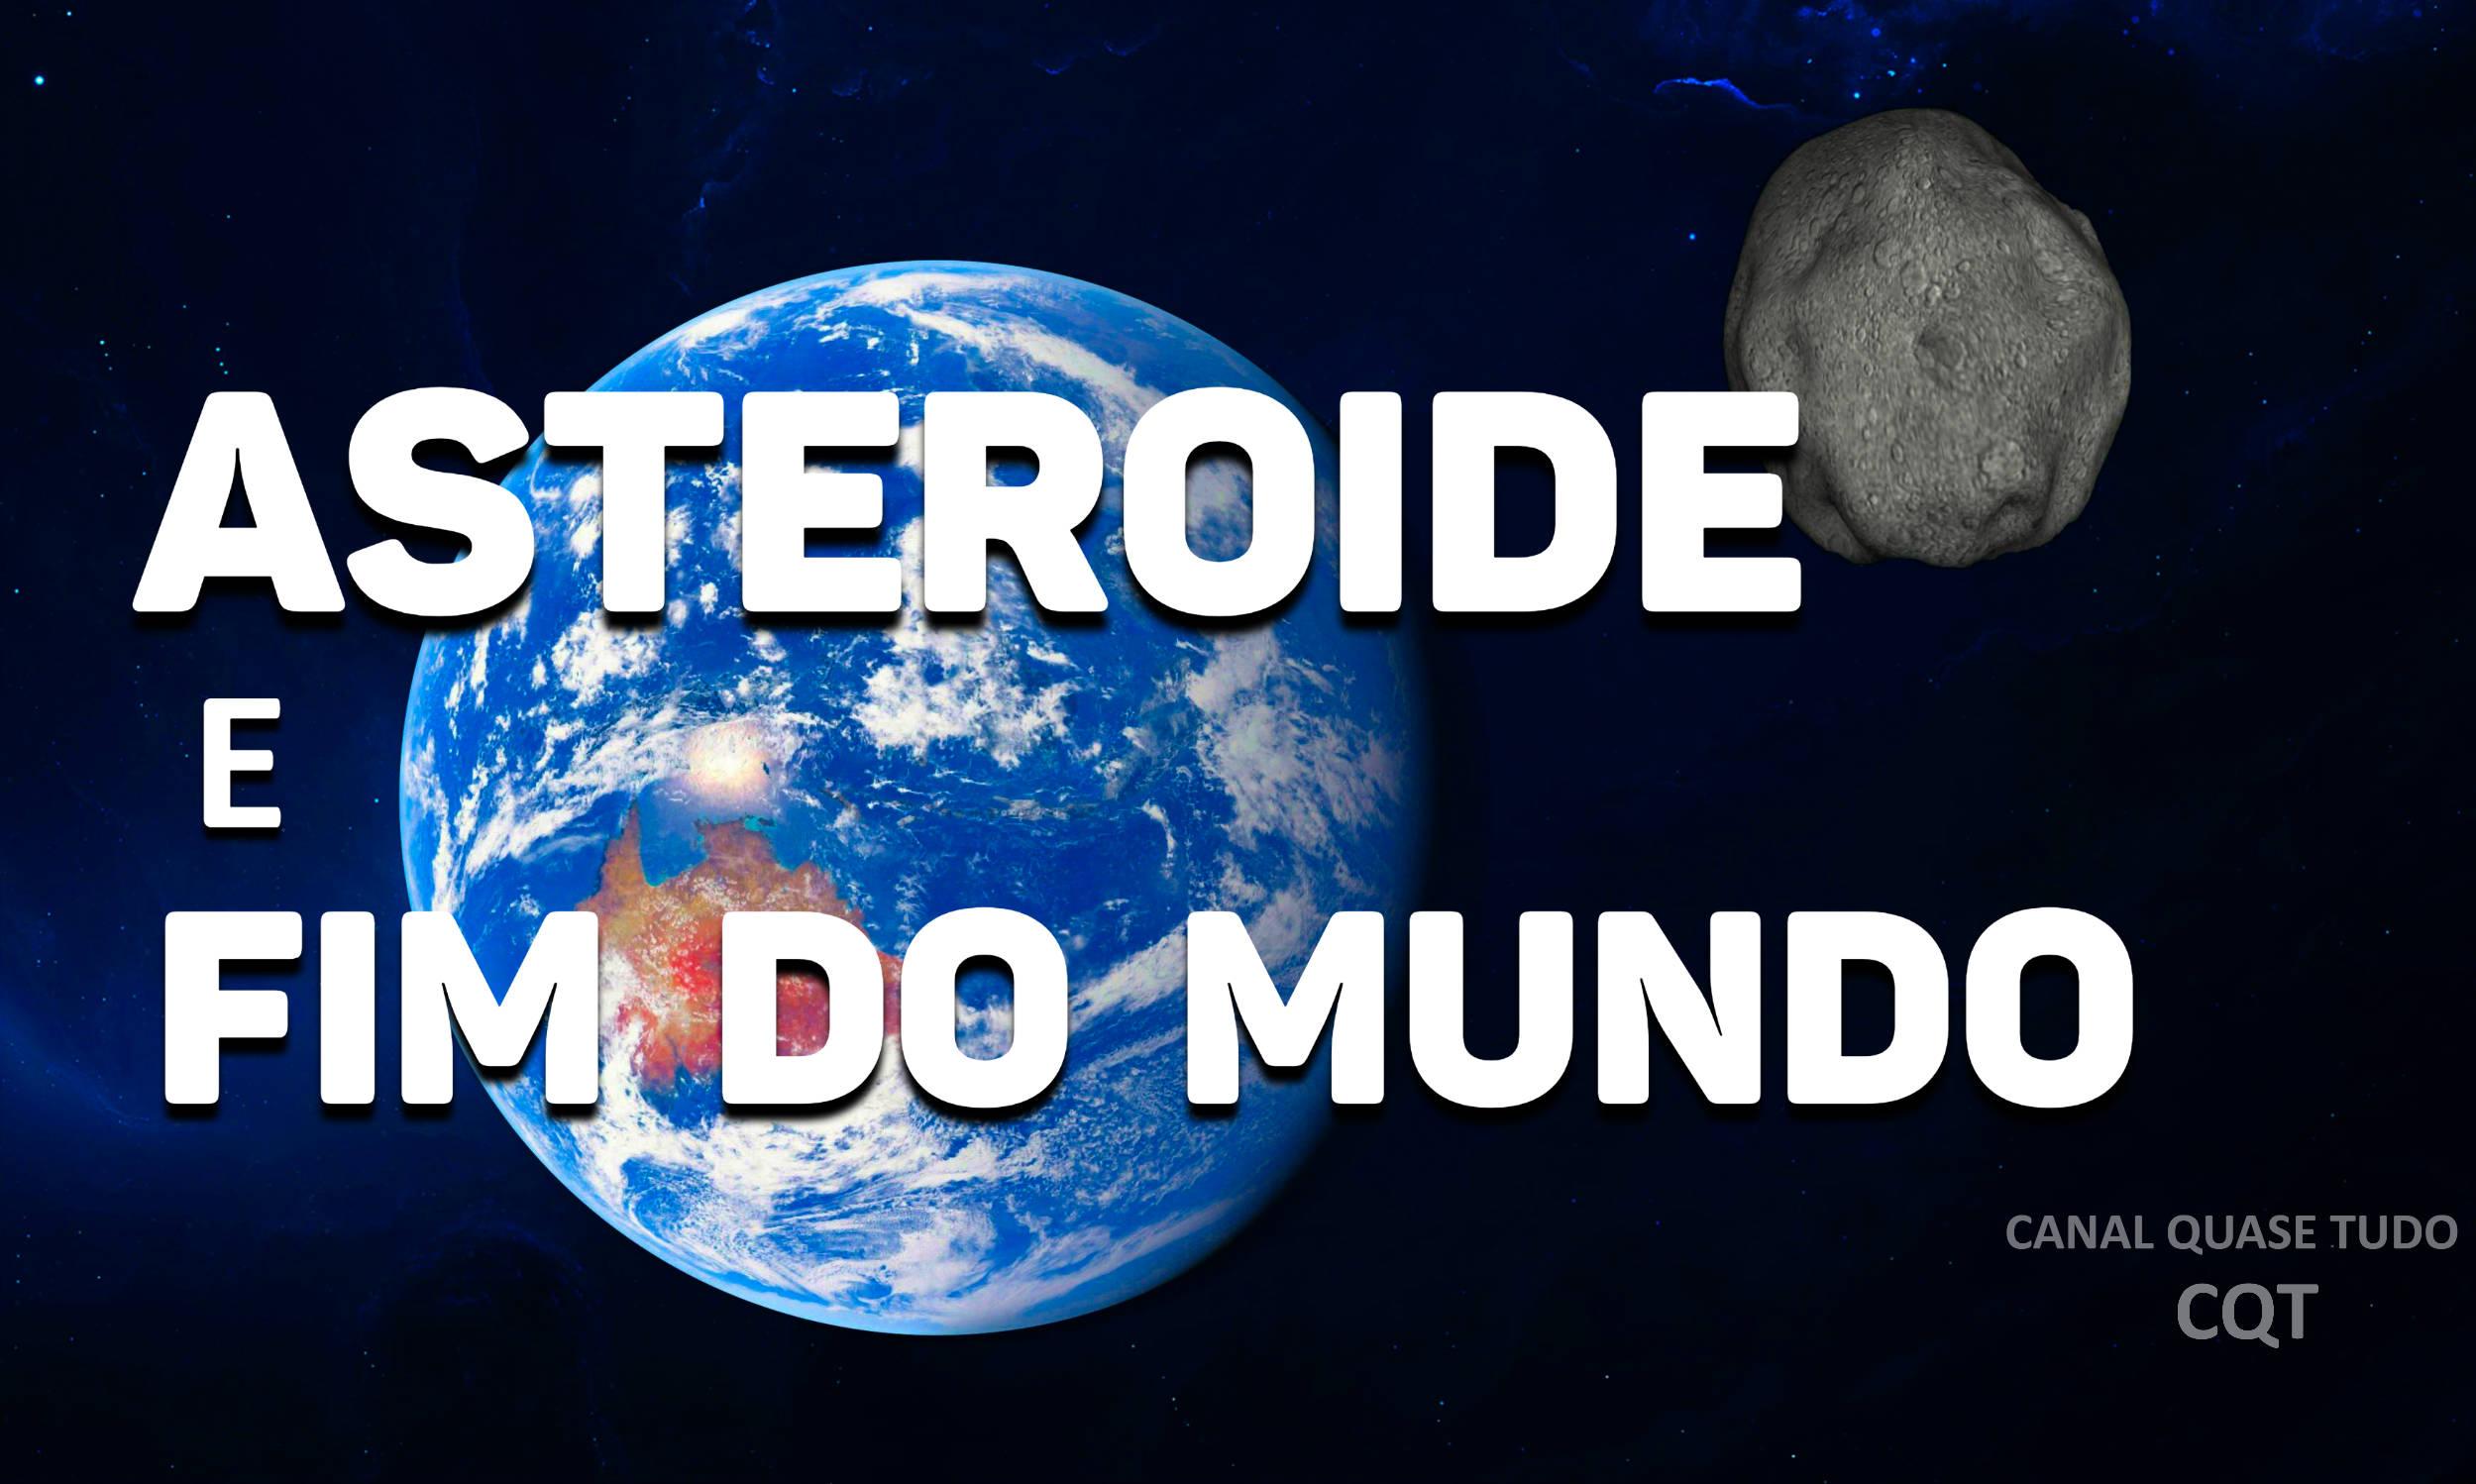 ASTEROIDE E FIM DO MUNDO, CANAL QUASE TUDO, APOCALIPSE, FIM DOS TEMPOS